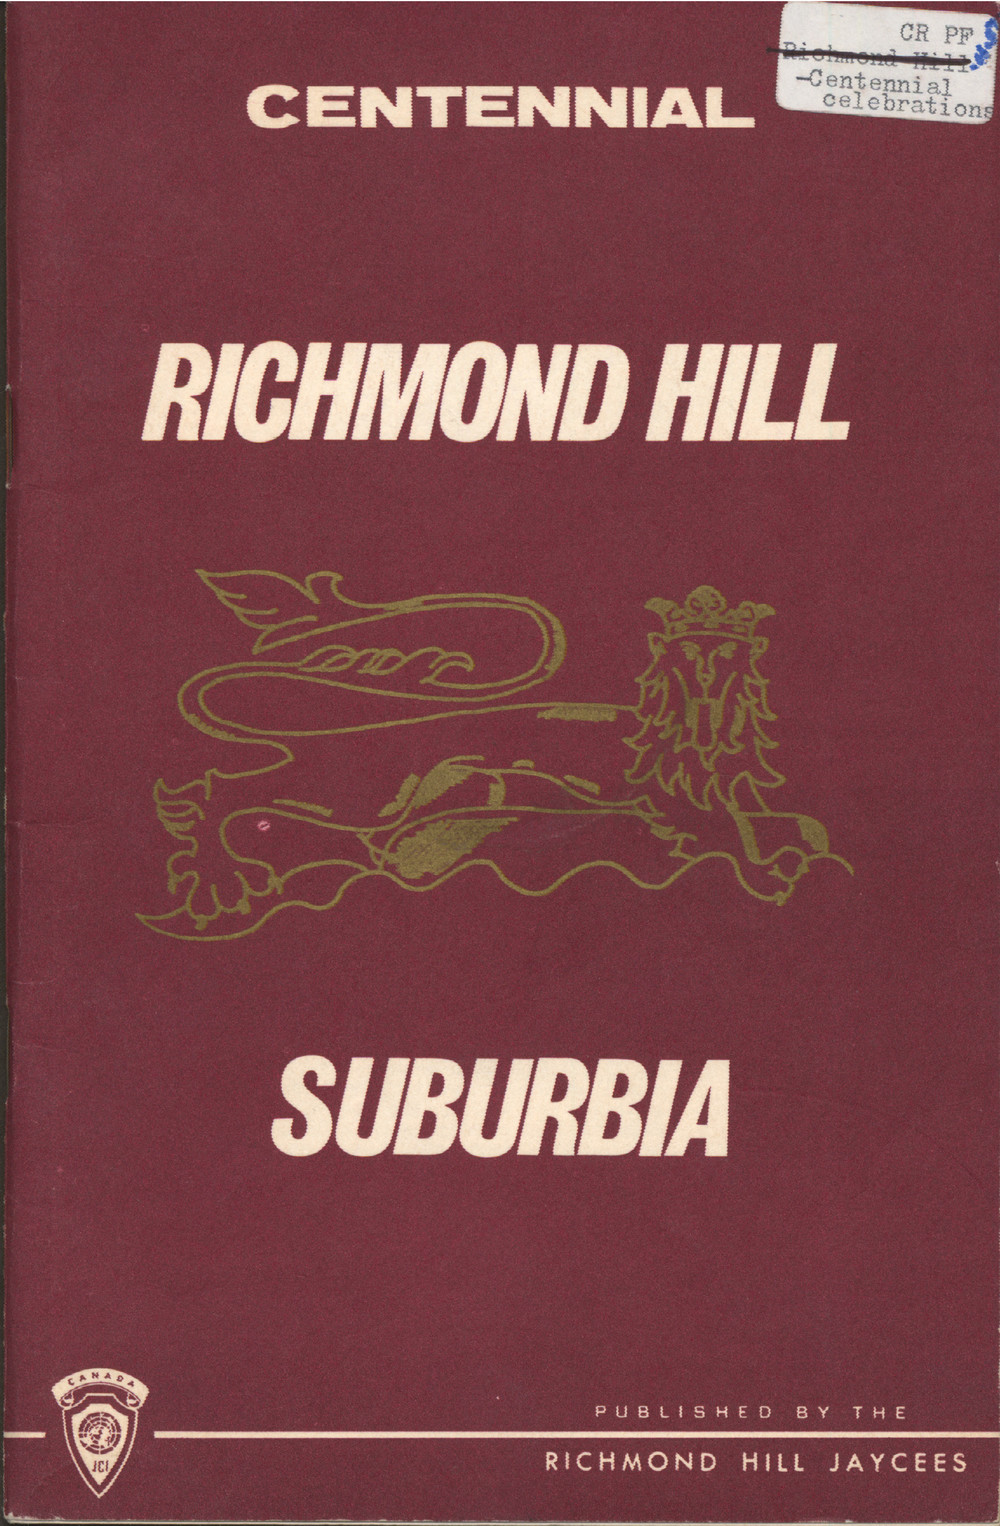 Centennial Richmond Hill Suburbia